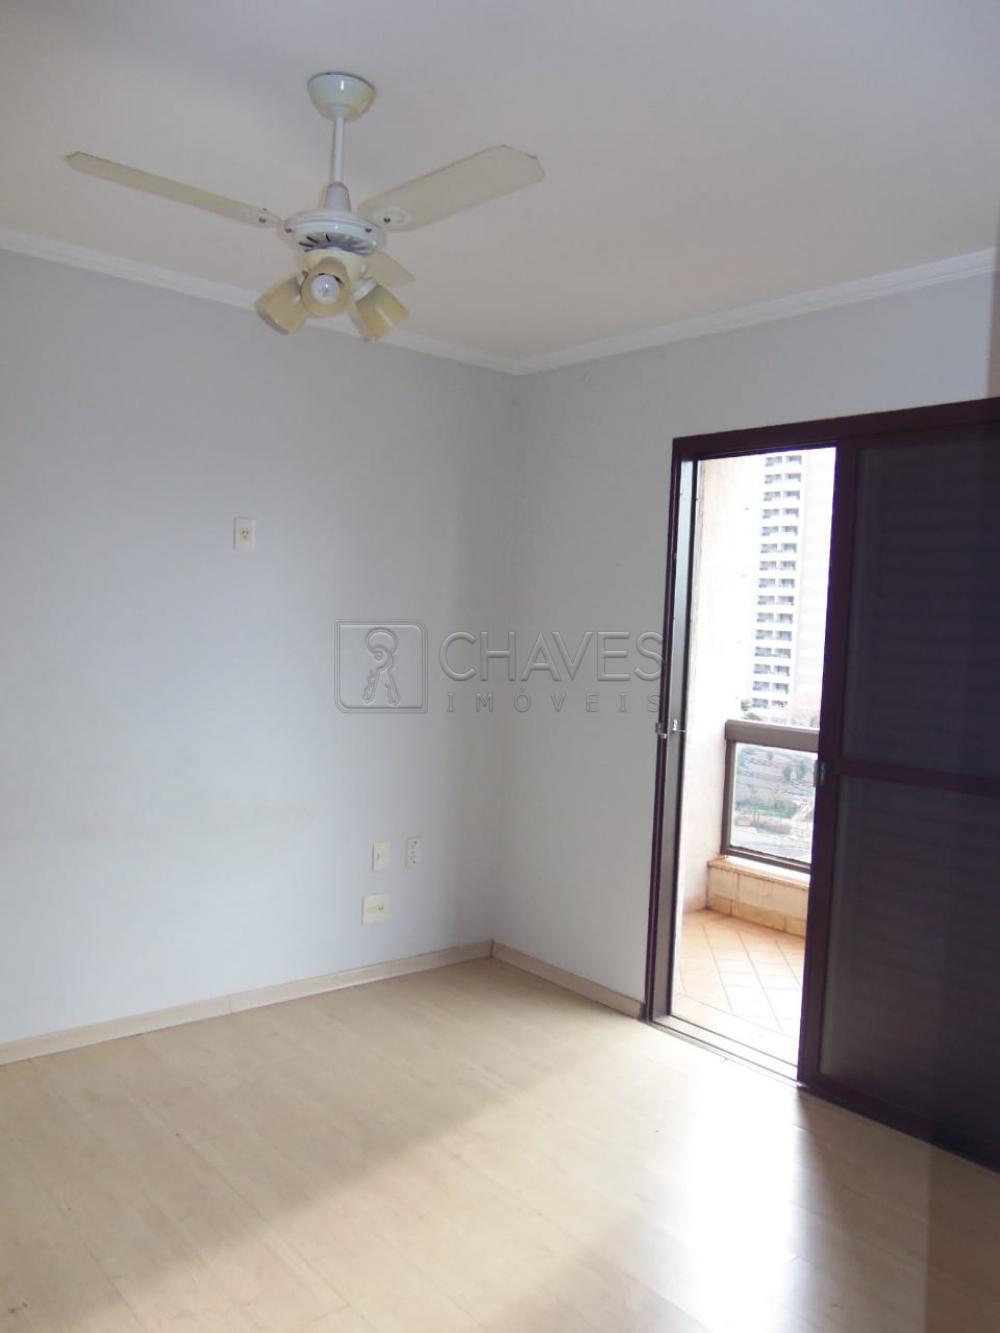 Alugar Apartamento / Padrão em Ribeirão Preto apenas R$ 1.600,00 - Foto 10